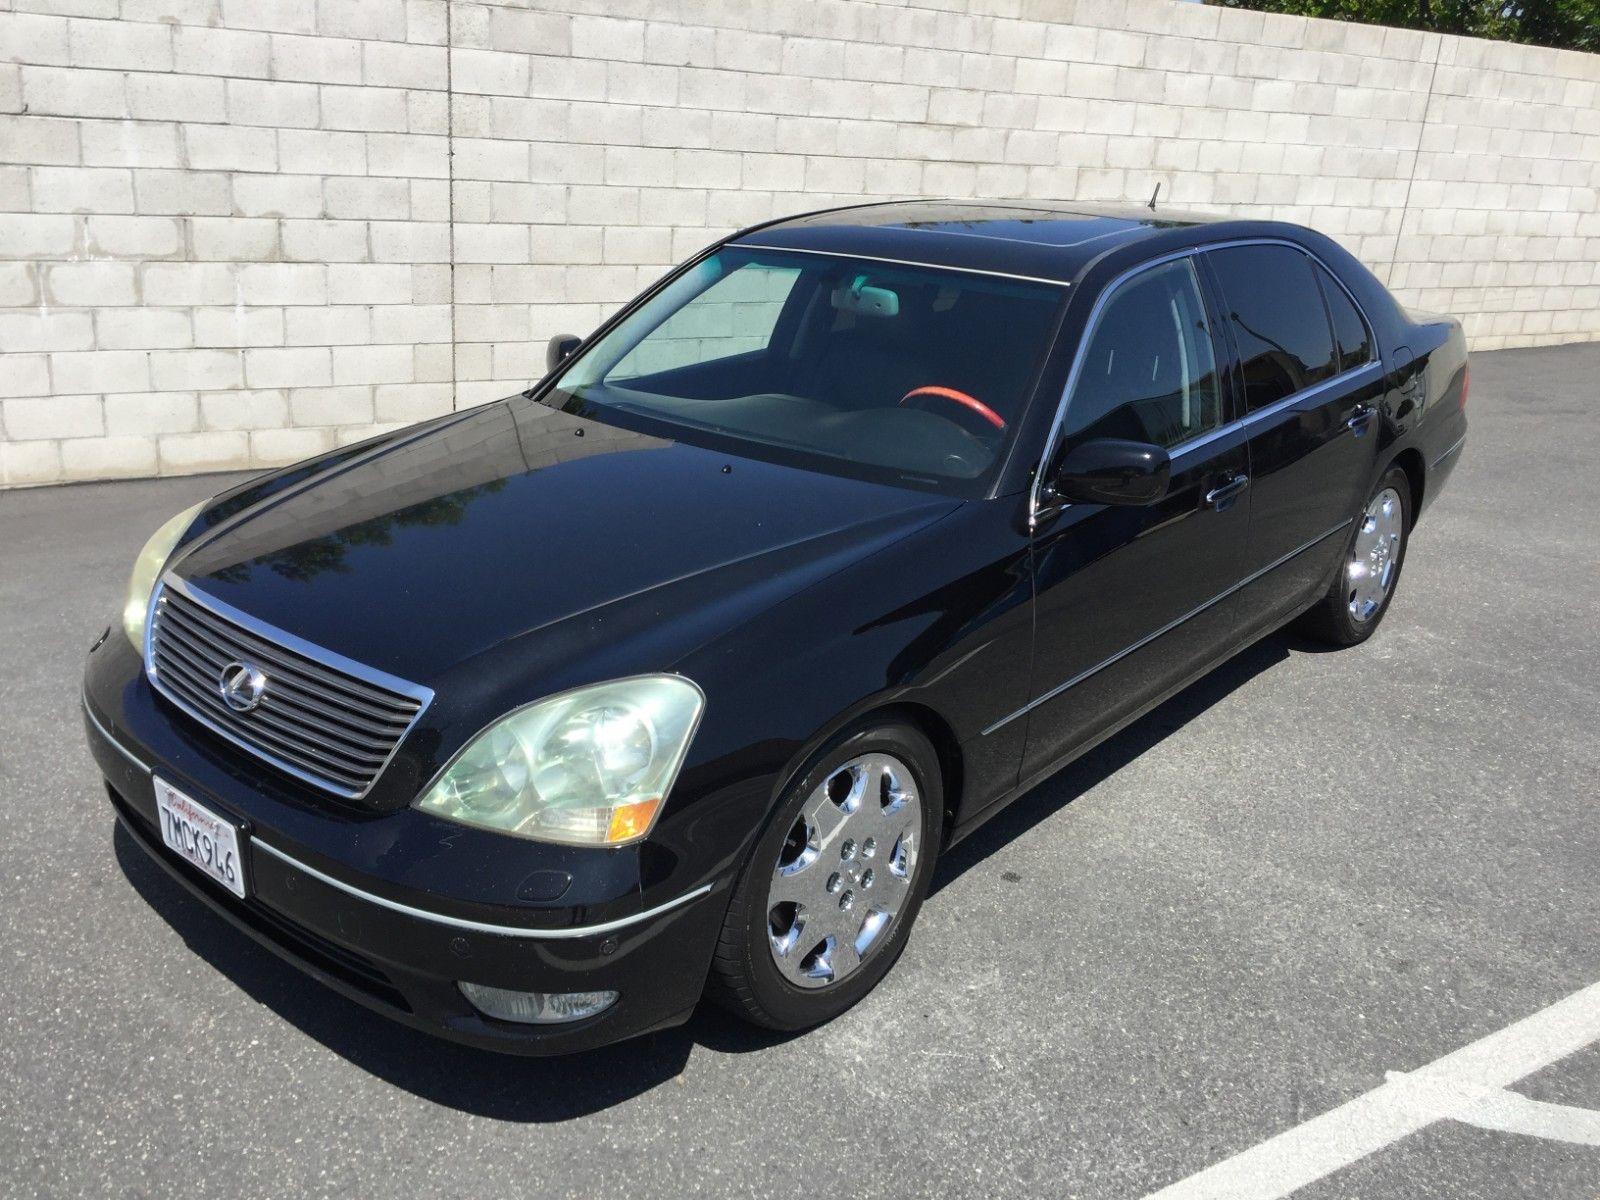 2003 Lexus Ls430 >> Amazing 2003 Lexus Ls 2003 Lexus Ls 430 Clean California Car Crystal Black With Black Interior 2018